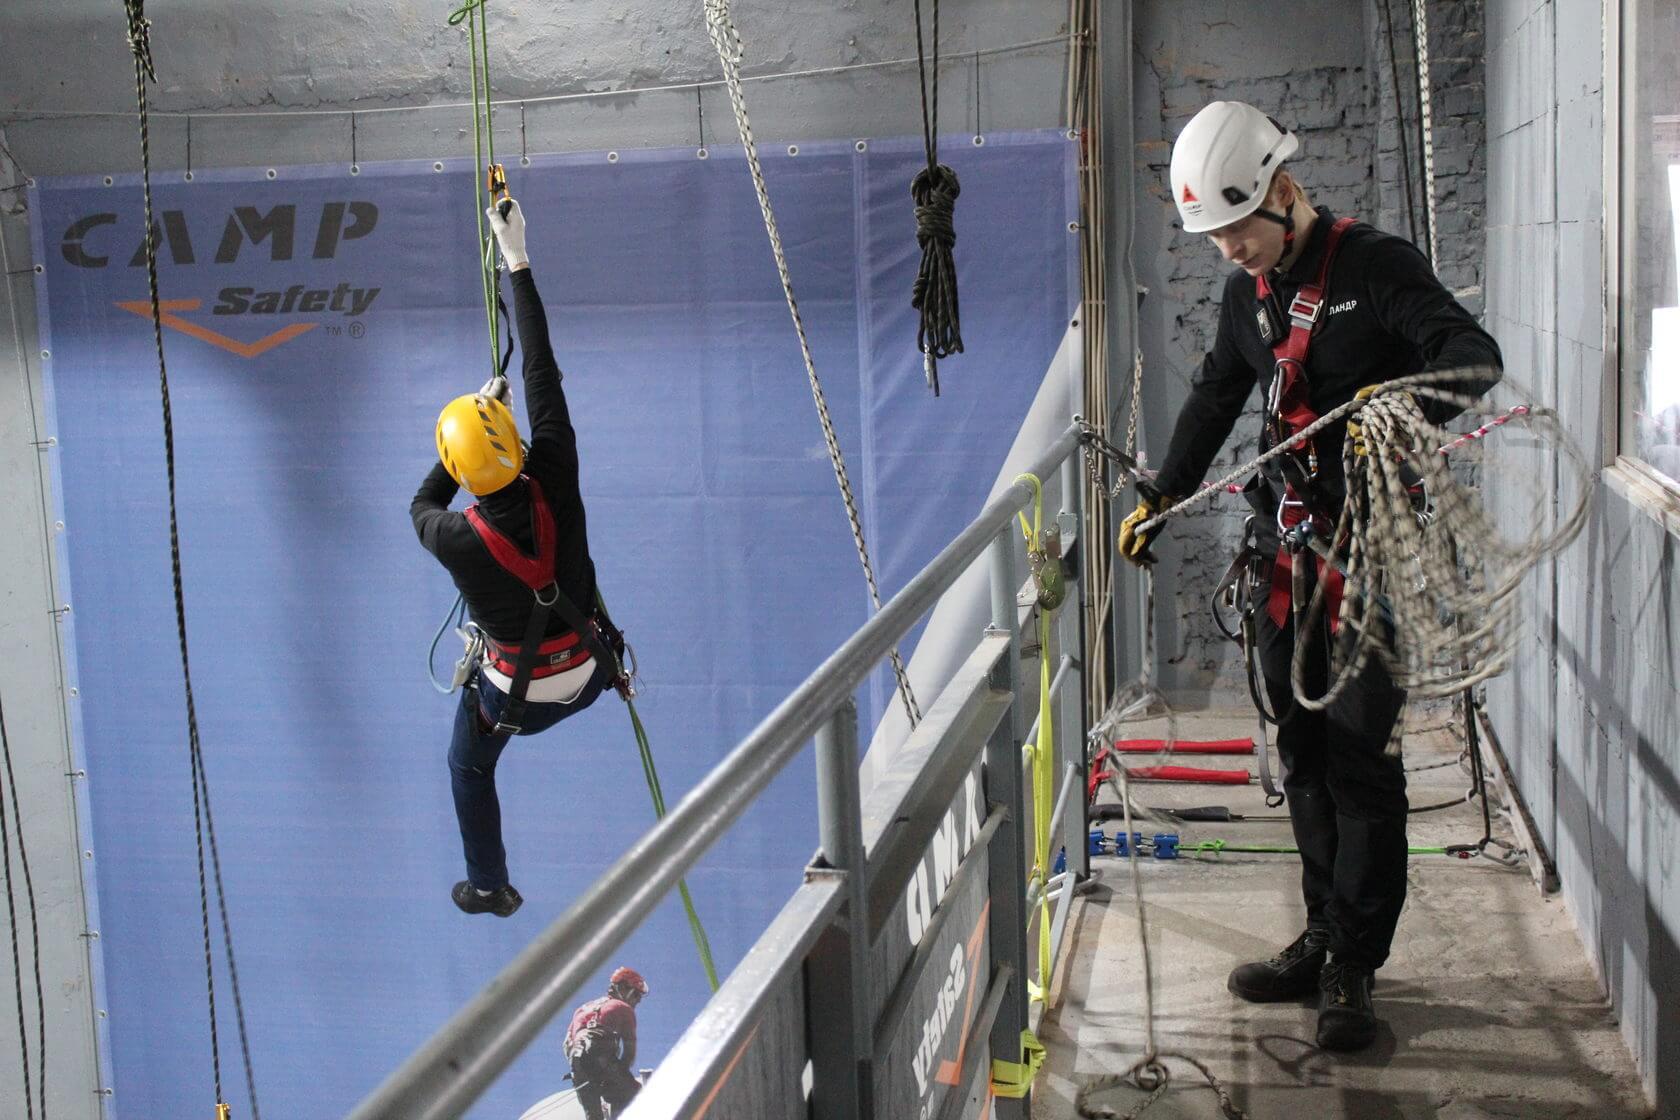 دسترسی با طناب یک روش نوین و جایگزین مناسبی برای روش های مشابه برای کار در ارتفاع است.